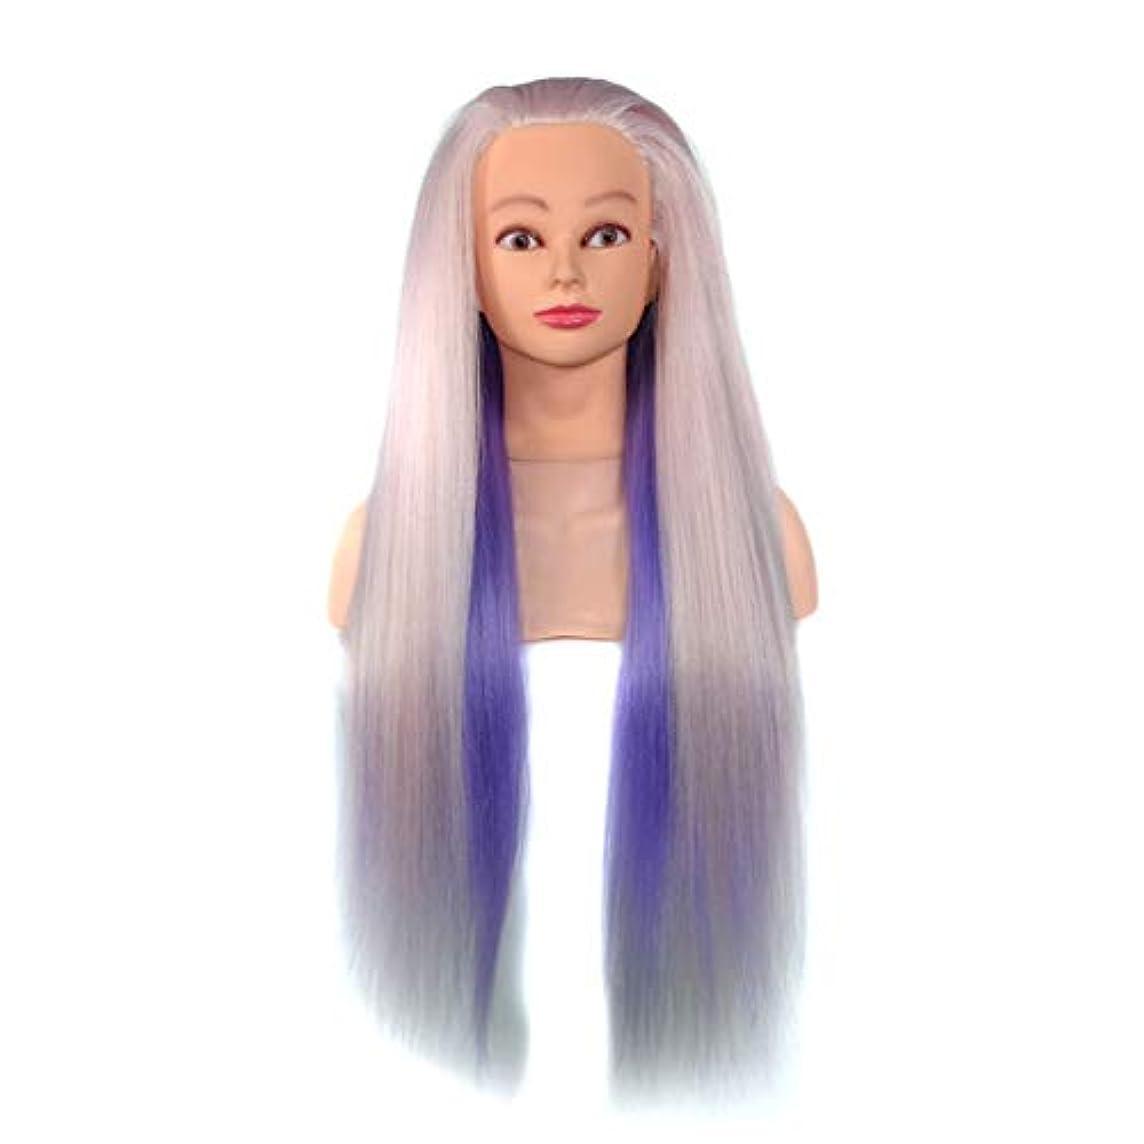 ブルジョン冷ややかな励起高温シルク花嫁編組エクササイズヘッドサロン教育グラデーショントレーニングヘッド理髪学習ヘッドモデル